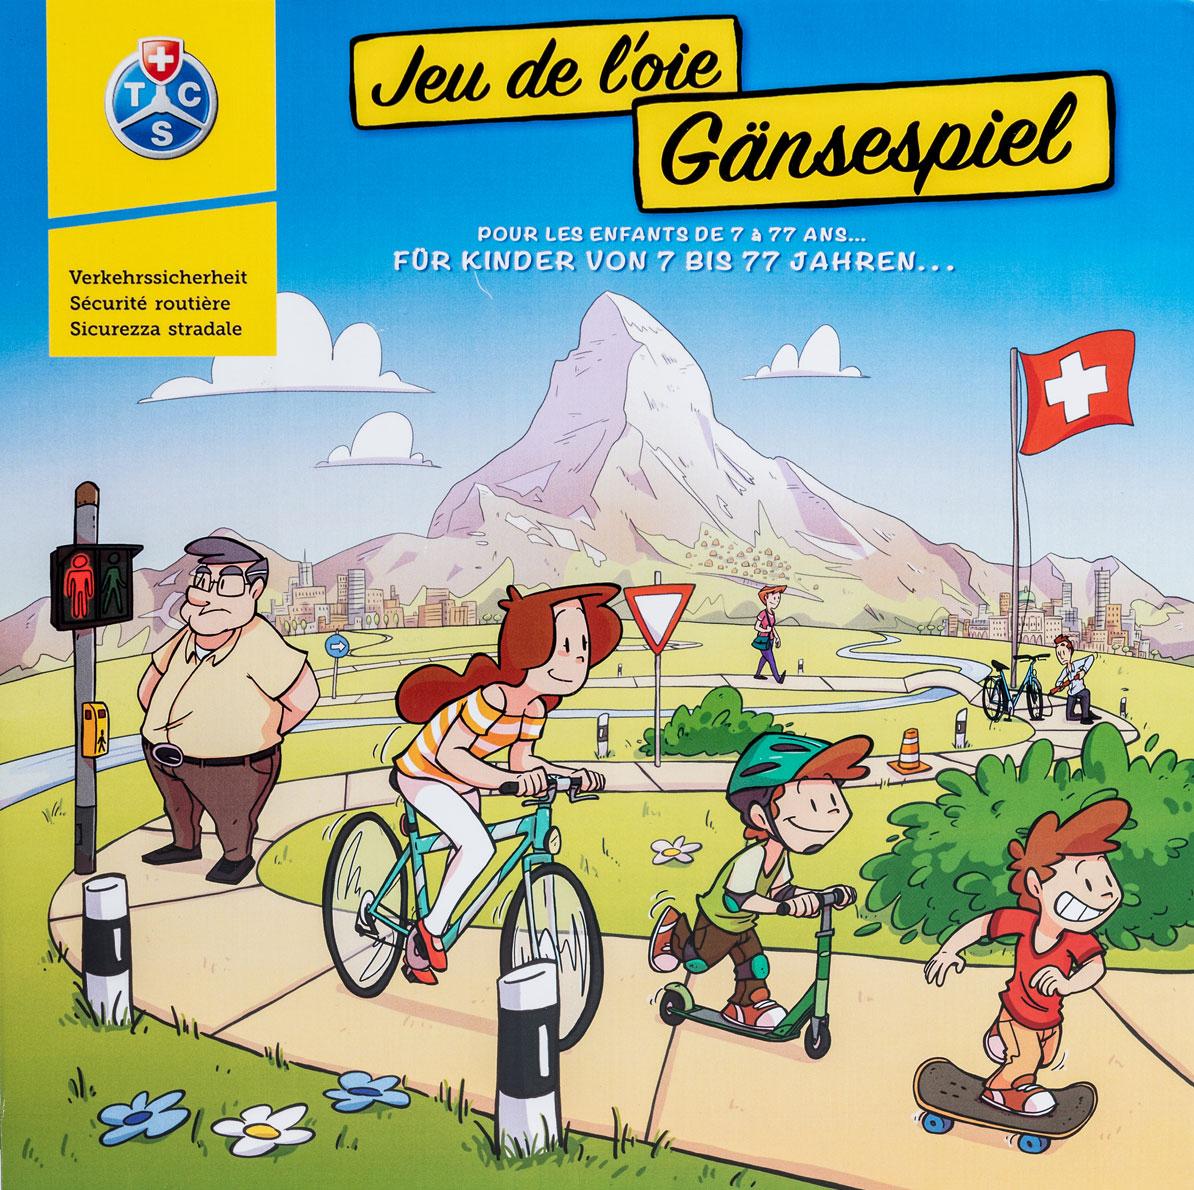 Jeu De L'oie (7-77 Ans) - Boîte - Tcs Suisse à Jeux Enfant 7 Ans